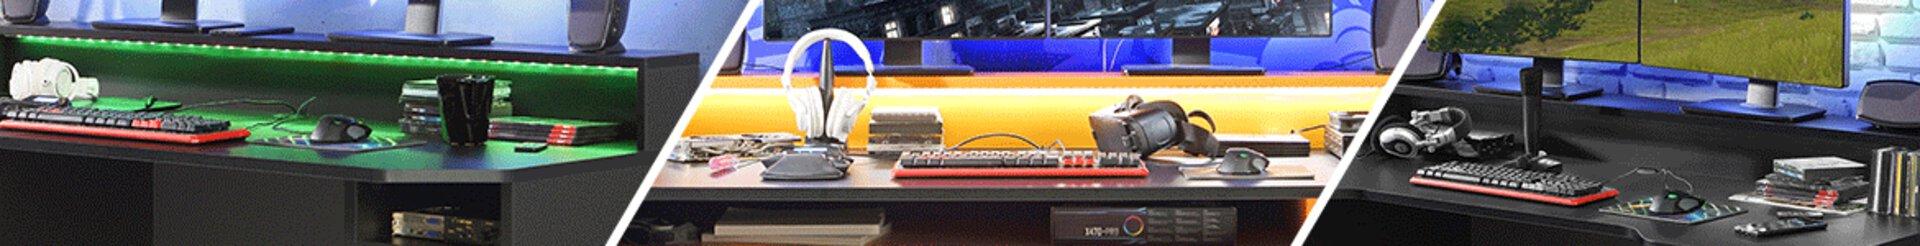 Finden Sie eine große Auswahl an Gaming Schreibtischen mit den unterschiedlichsten Funktionen bei Möbel Inhofer. Integrierter Getränkehalter, ausklappbare Anschlussleiste und vieles mehr.